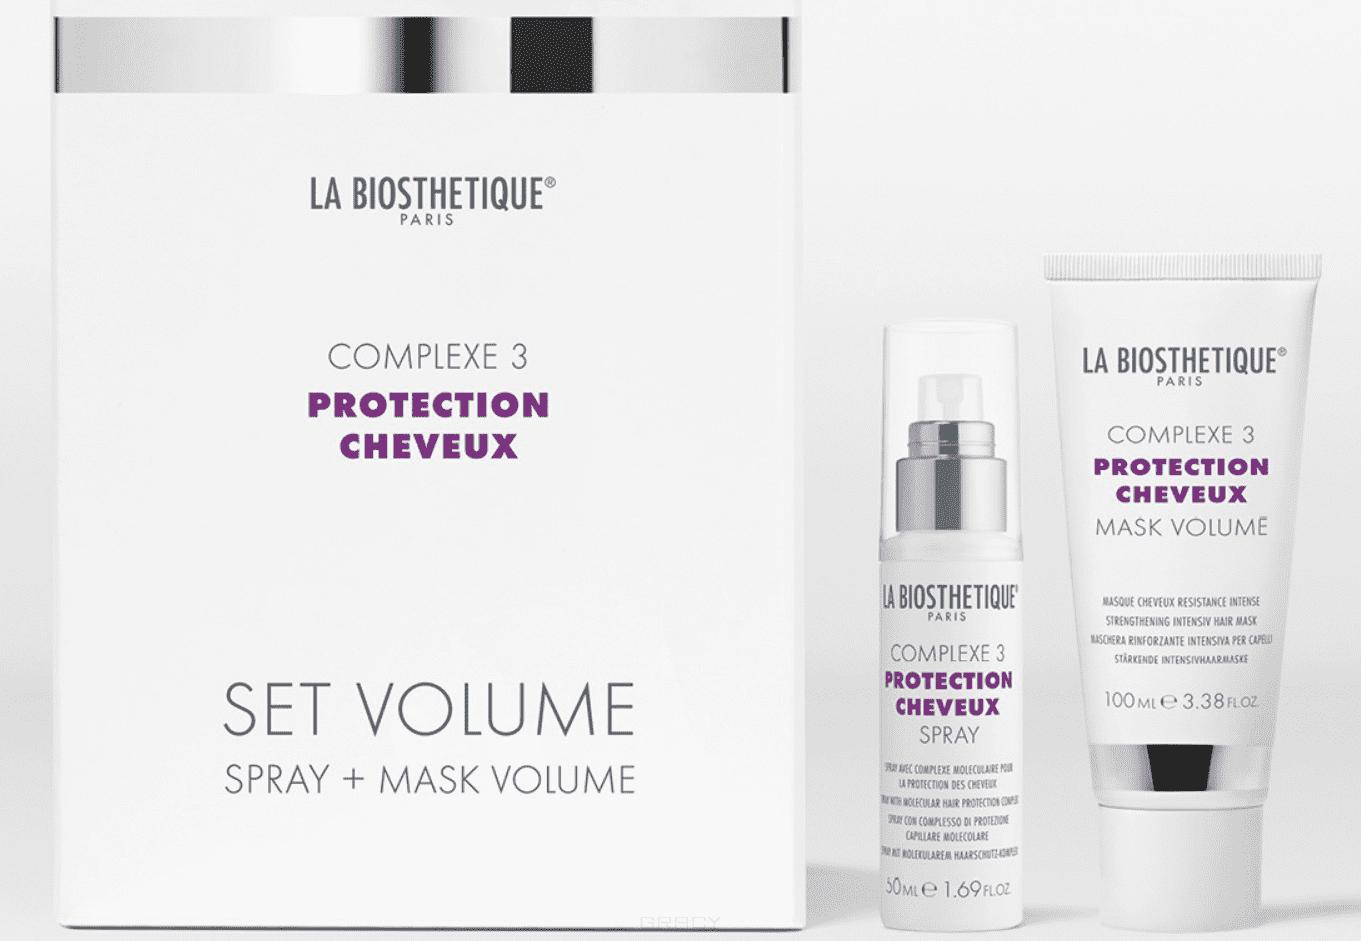 La Biosthetique, Стабилизирующий дует с мощным молекулярным комплексом защиты волос Комплекс 3 Power Set Volume Complexe 3, 50/100 мл цена